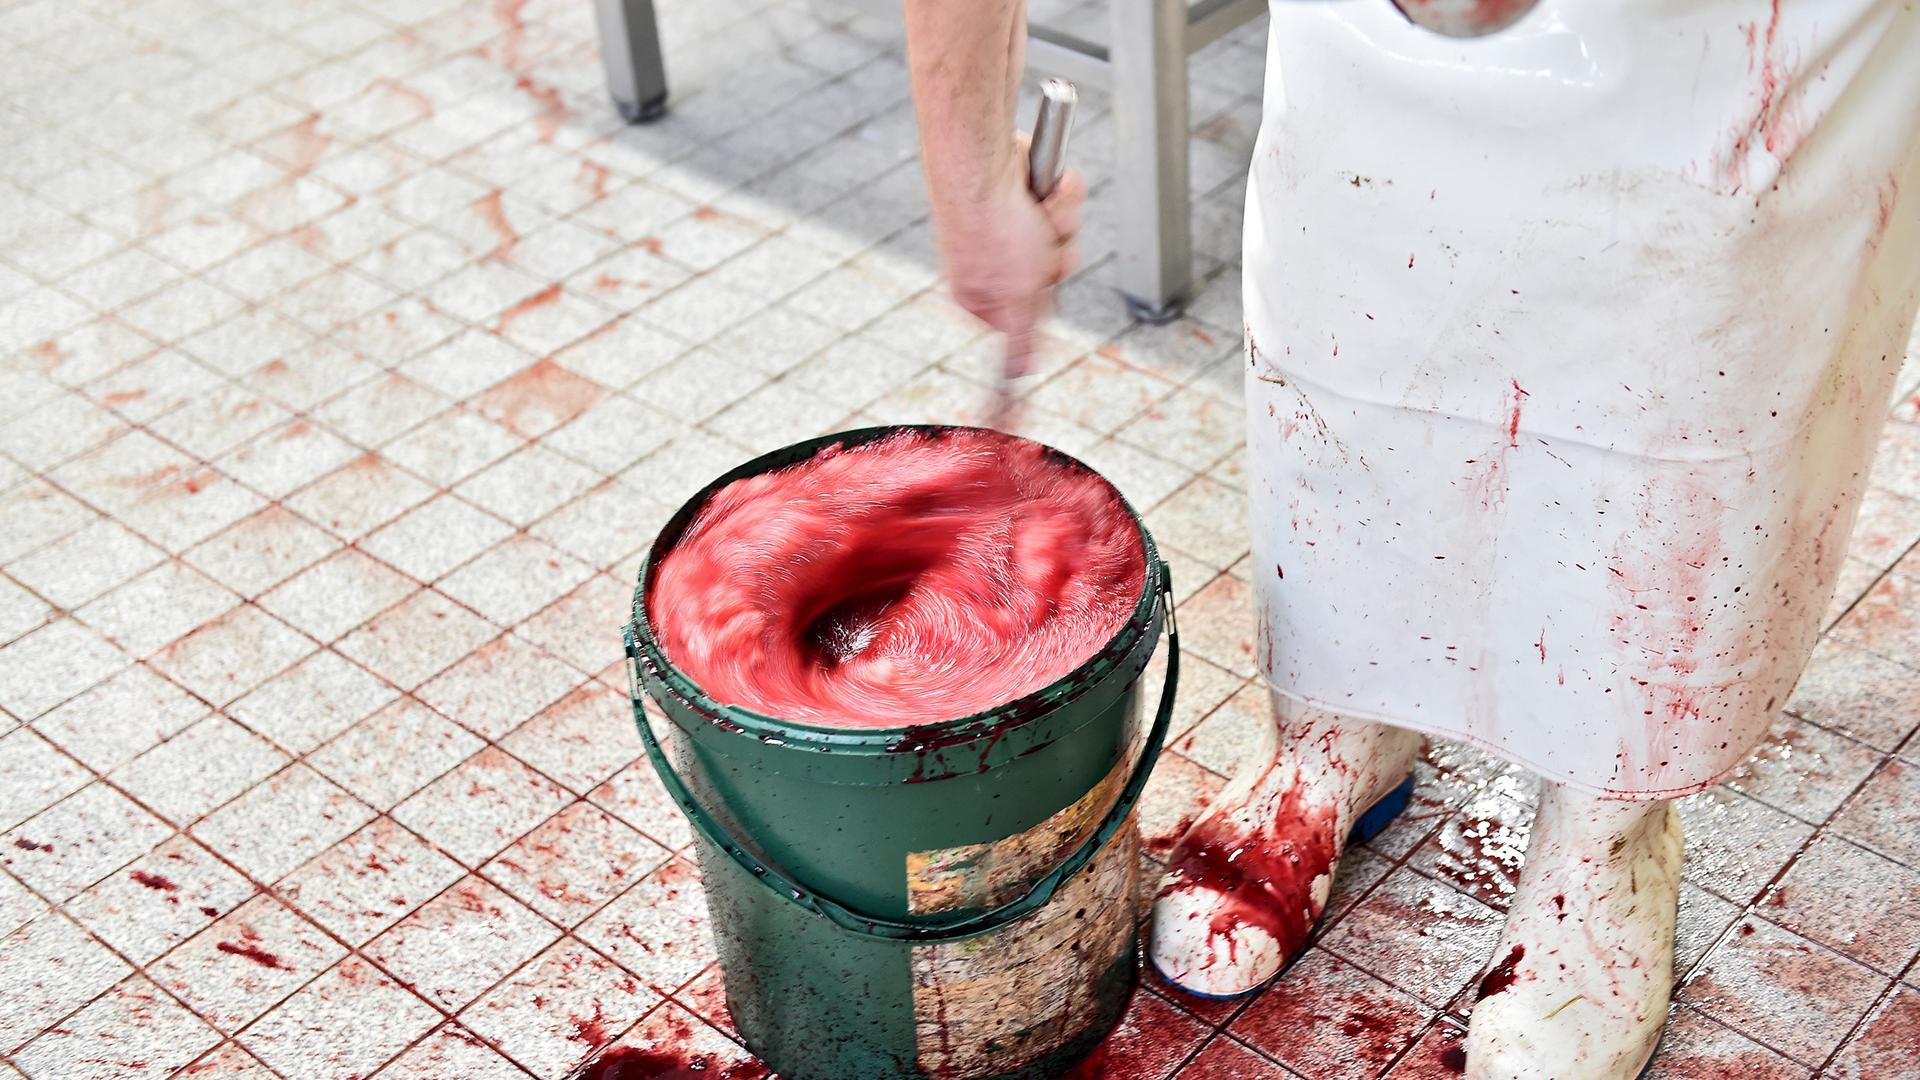 Blut ist Rohstoff: Das Blut der Tiere wird aufgefangen und weiter verarbeitet.